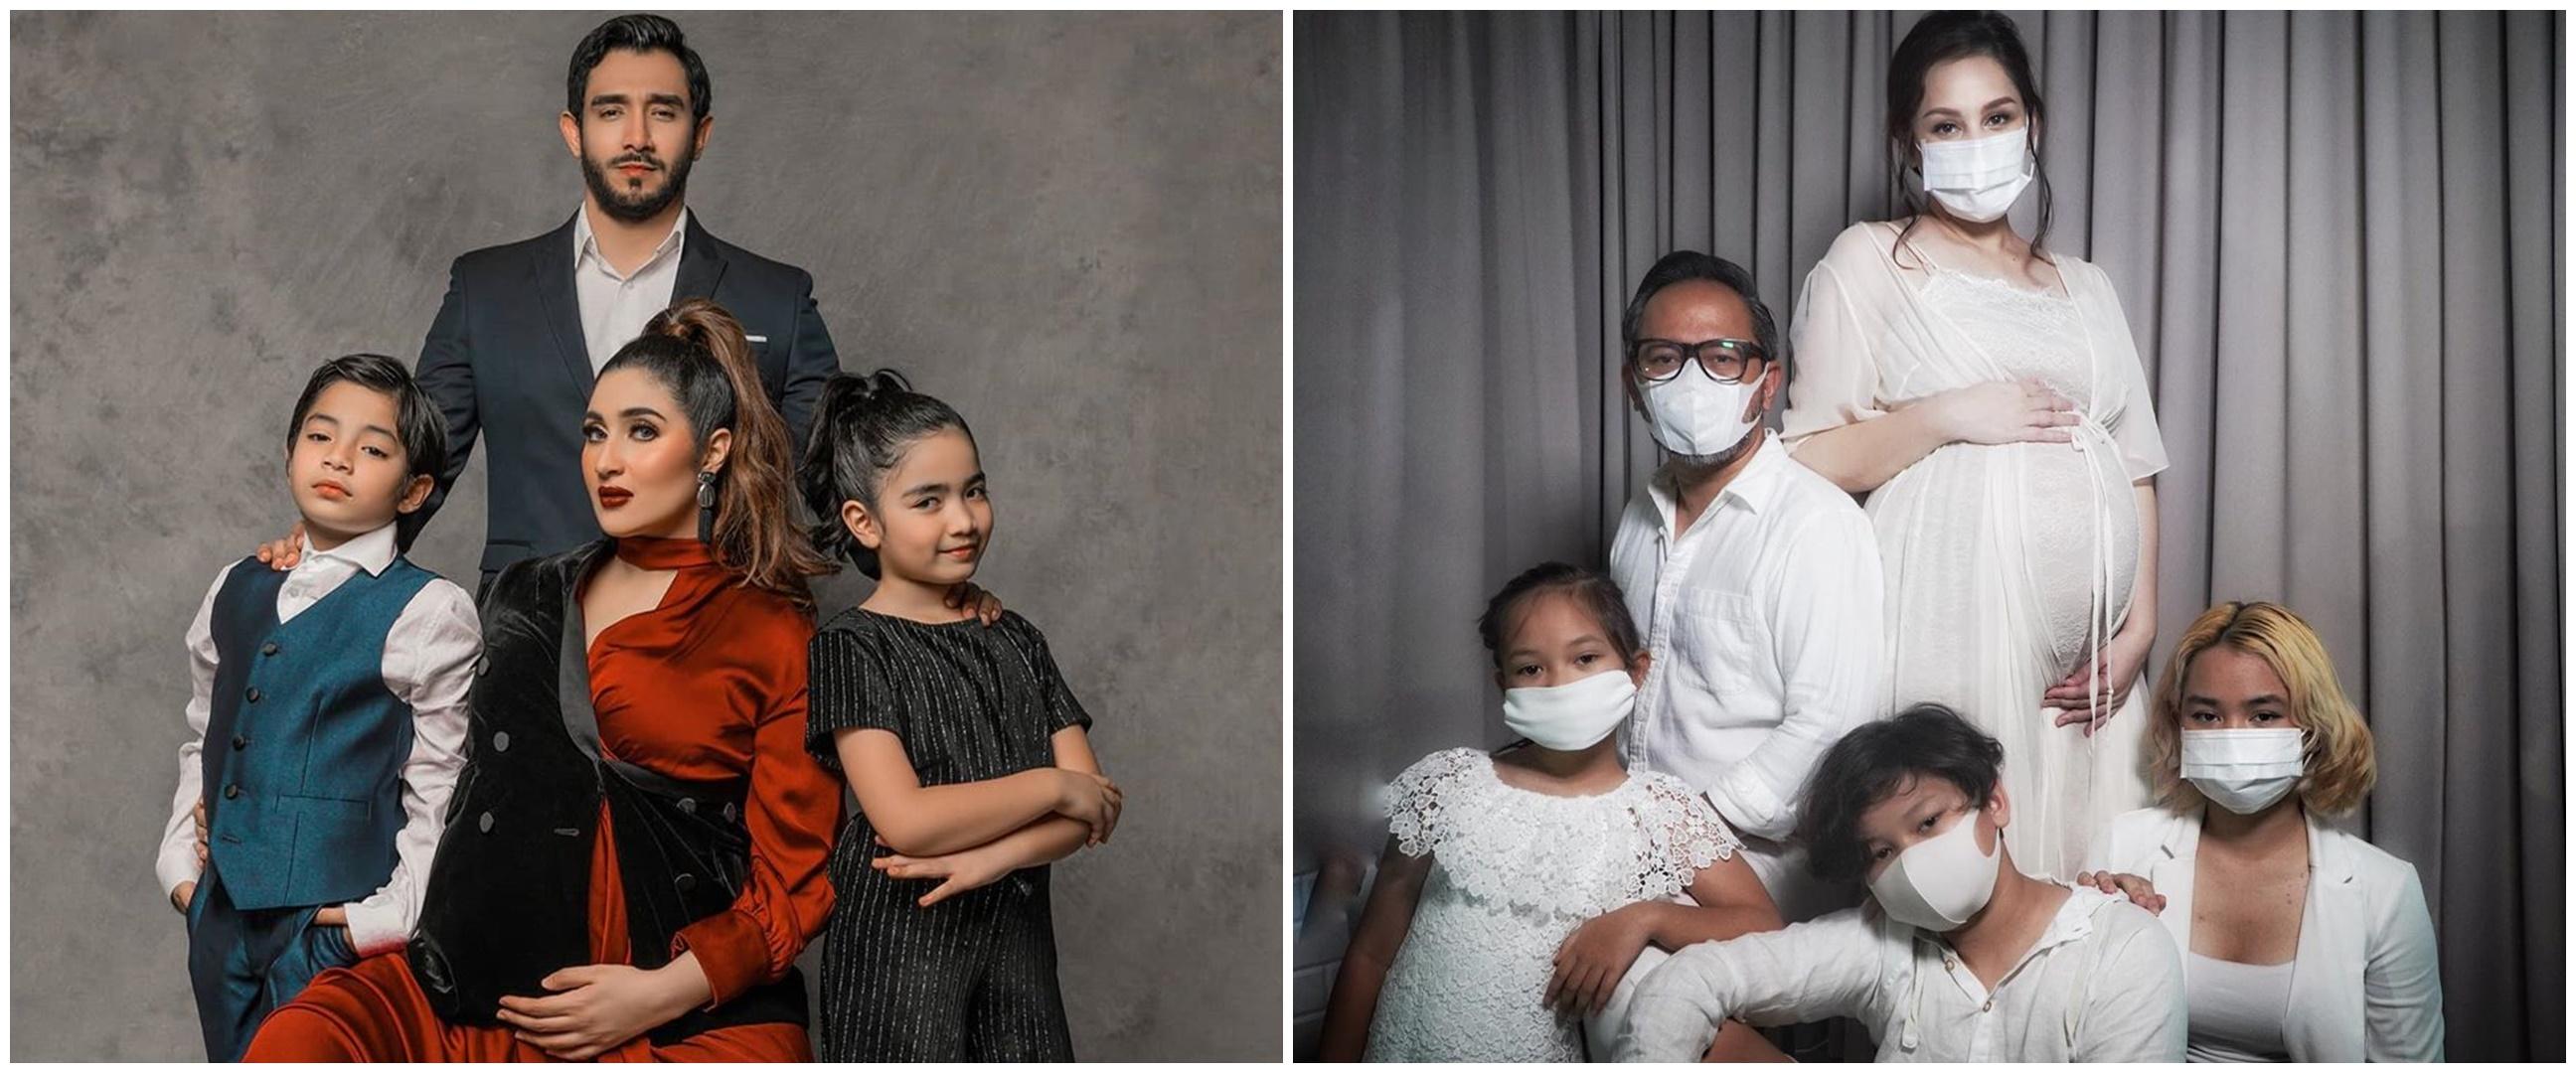 Gaya pemotretan maternity 10 seleb & keluarga kecilnya, kompak abis